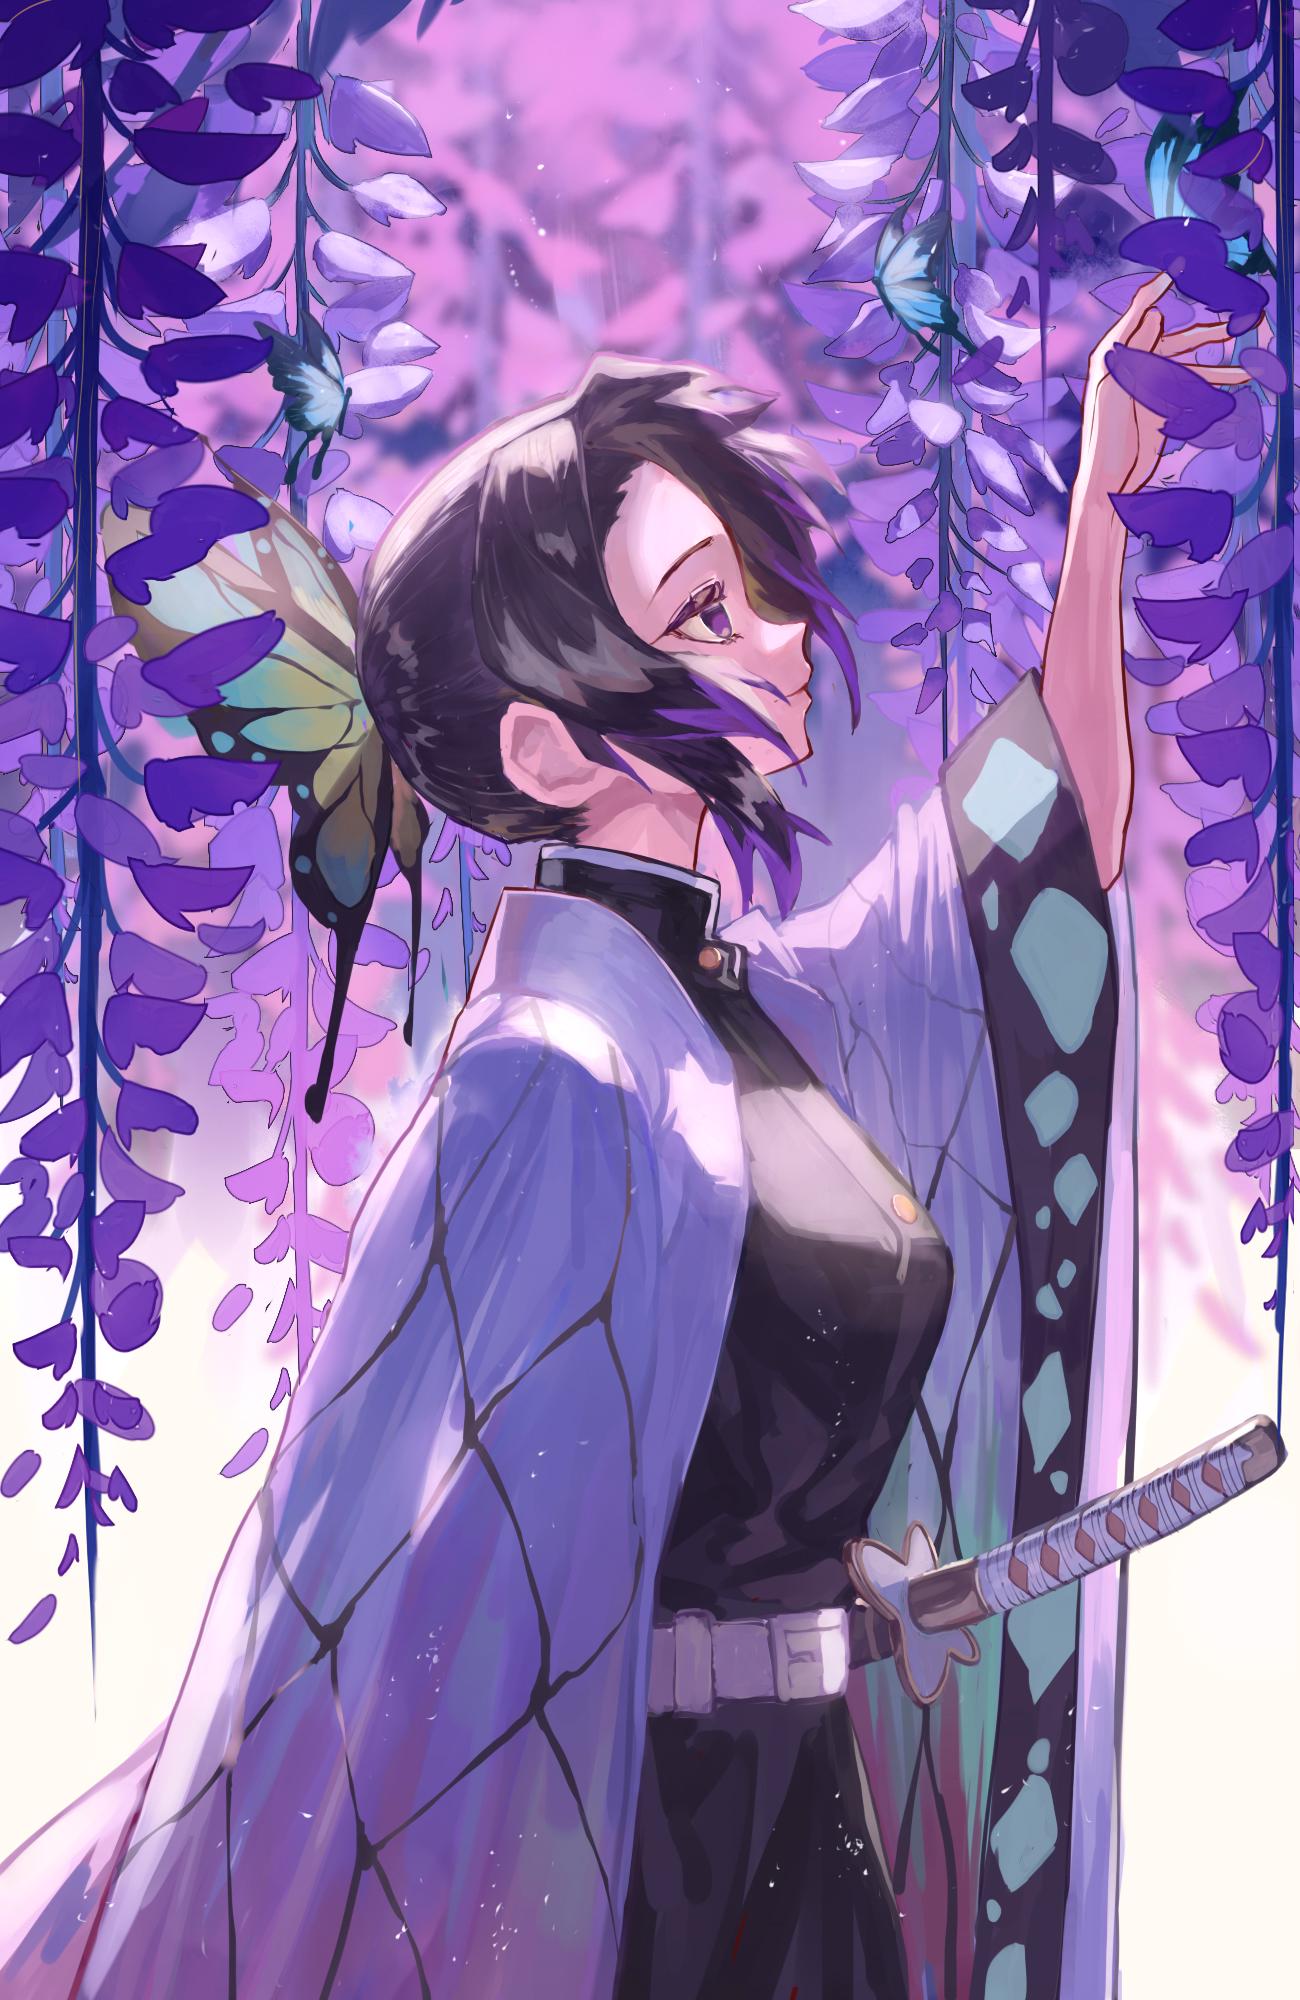 Wallpaper : anime girls, digital art, artwork, portrait ...